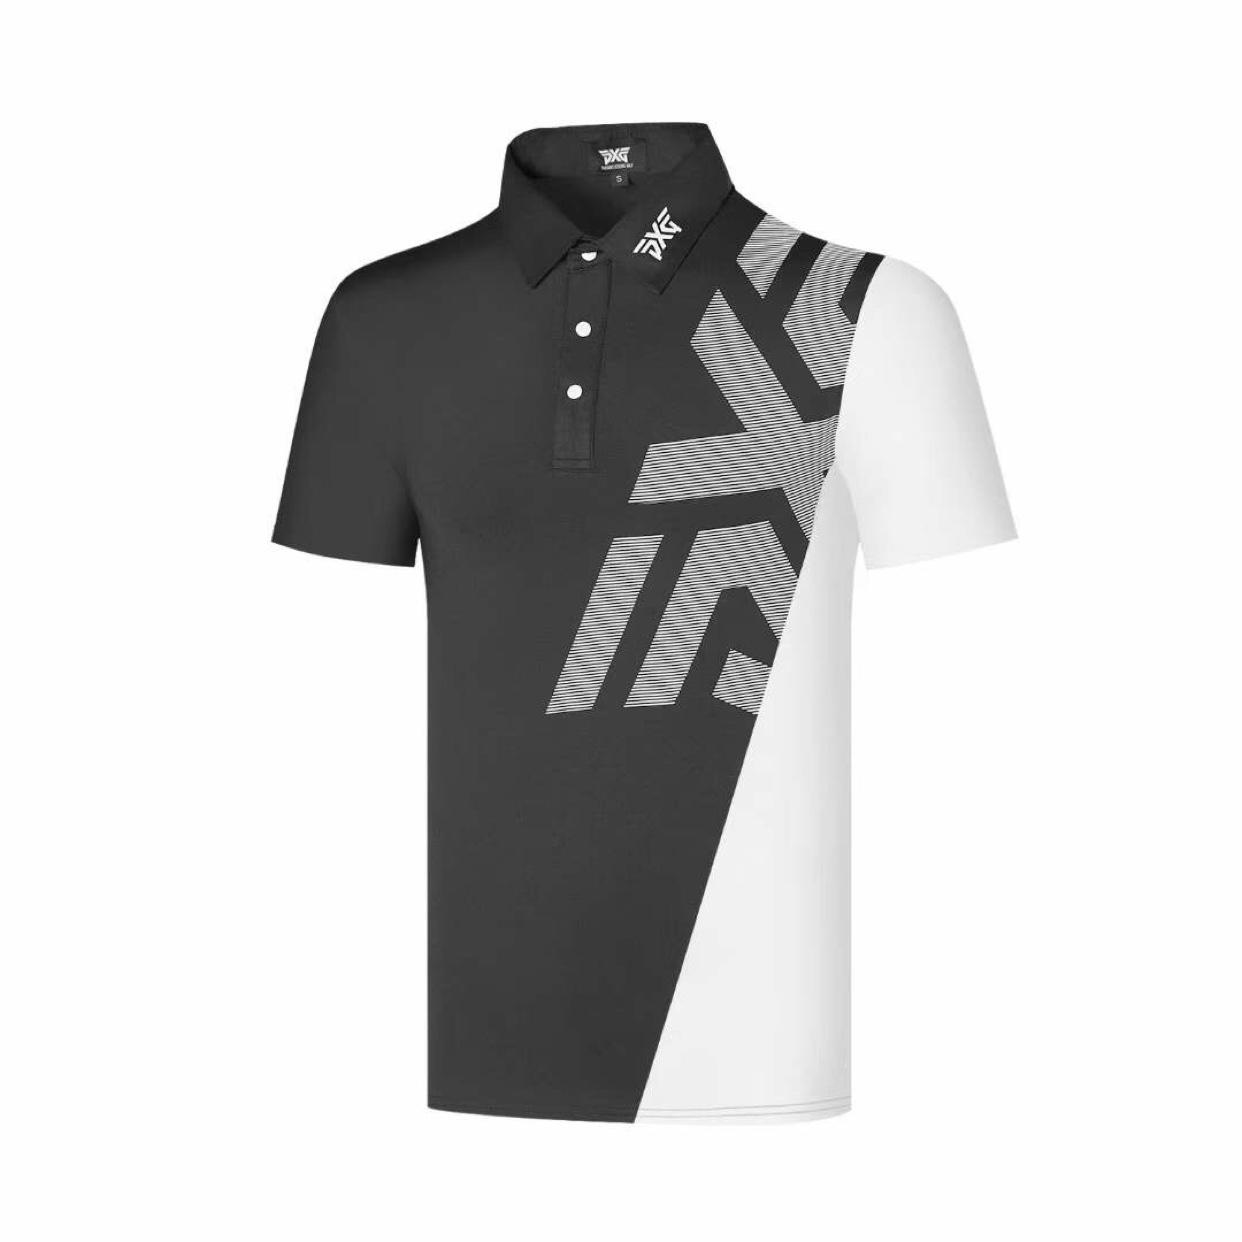 남성 골프웨어 남성 봄 여름 반팔 티 골프 남 스포츠 티셔츠 골프 티셔츠